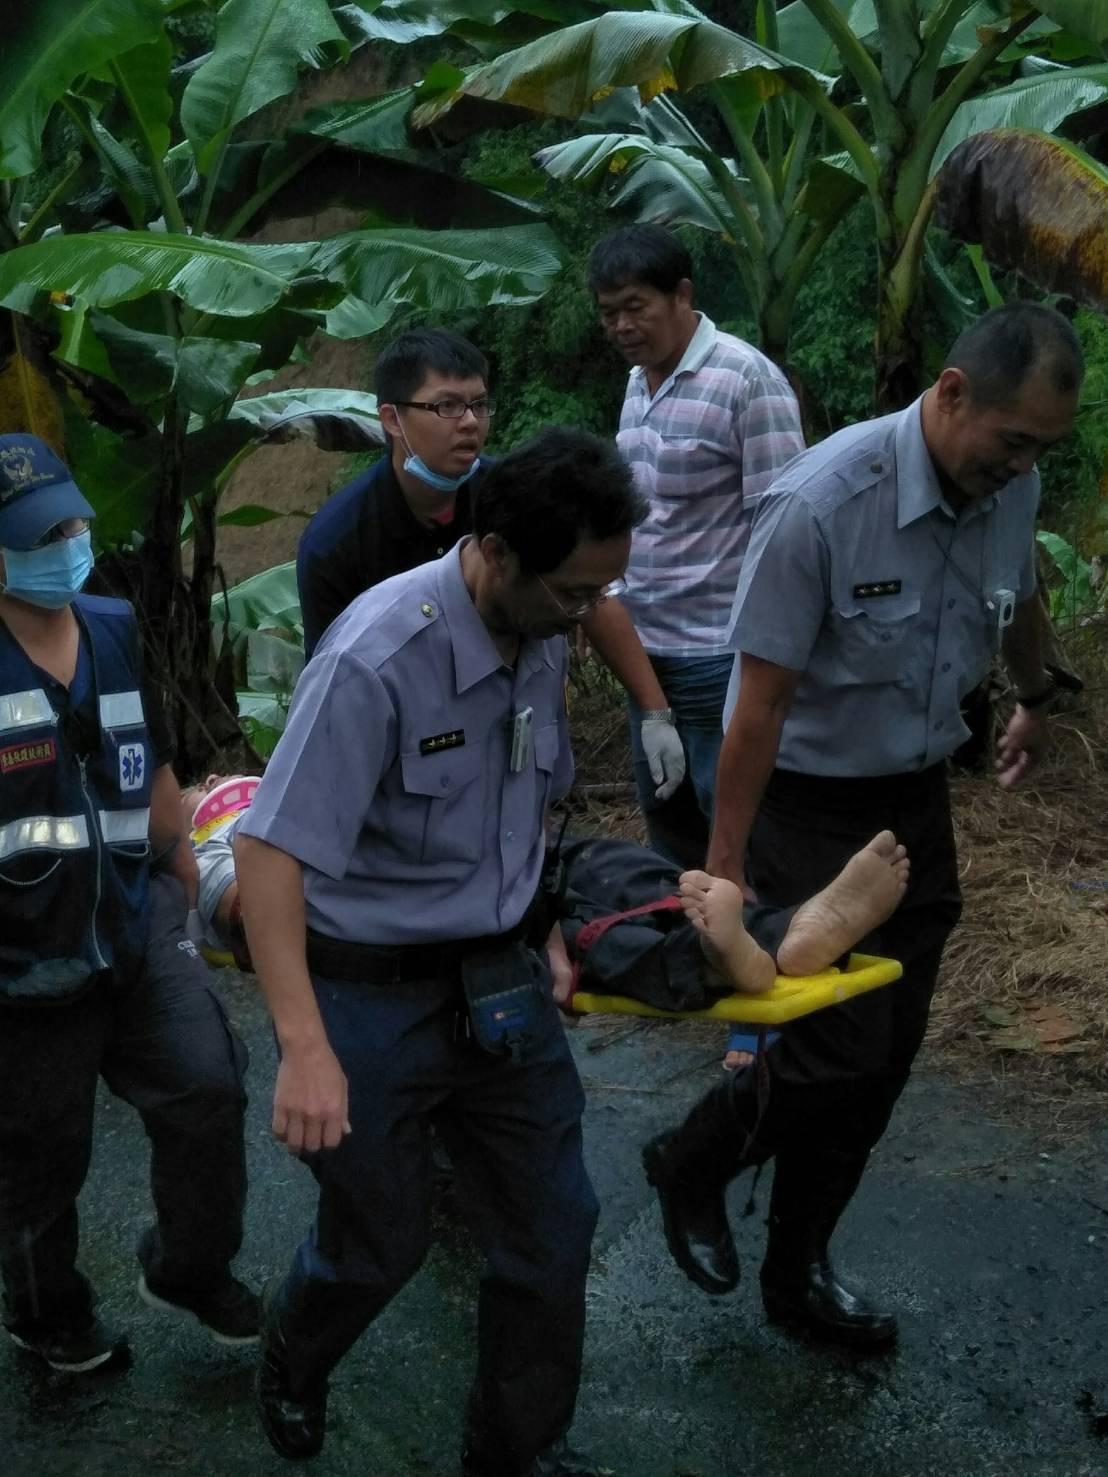 林男摔入到路20公尺深邊坡,意識清醒、胸背疼痛無法行走,警消以擔架搬運後送醫急救...